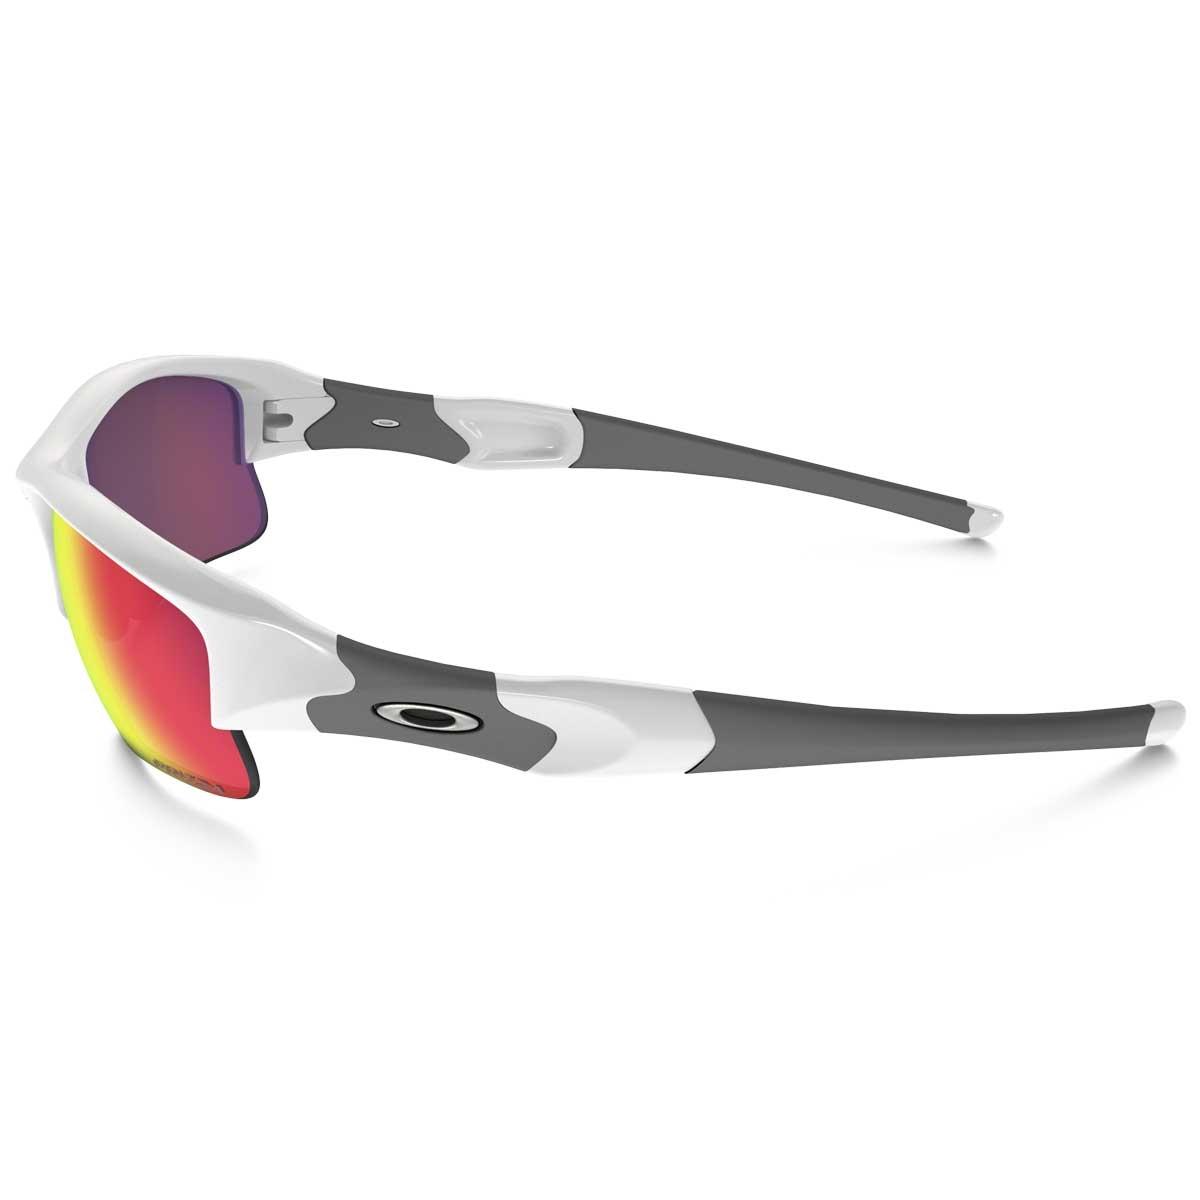 6f1acd14b8b18 ... Image of Oakley Flak Jacket XLJ Men s Polarized Sunglasses - Polished  White   Prizm Road ...